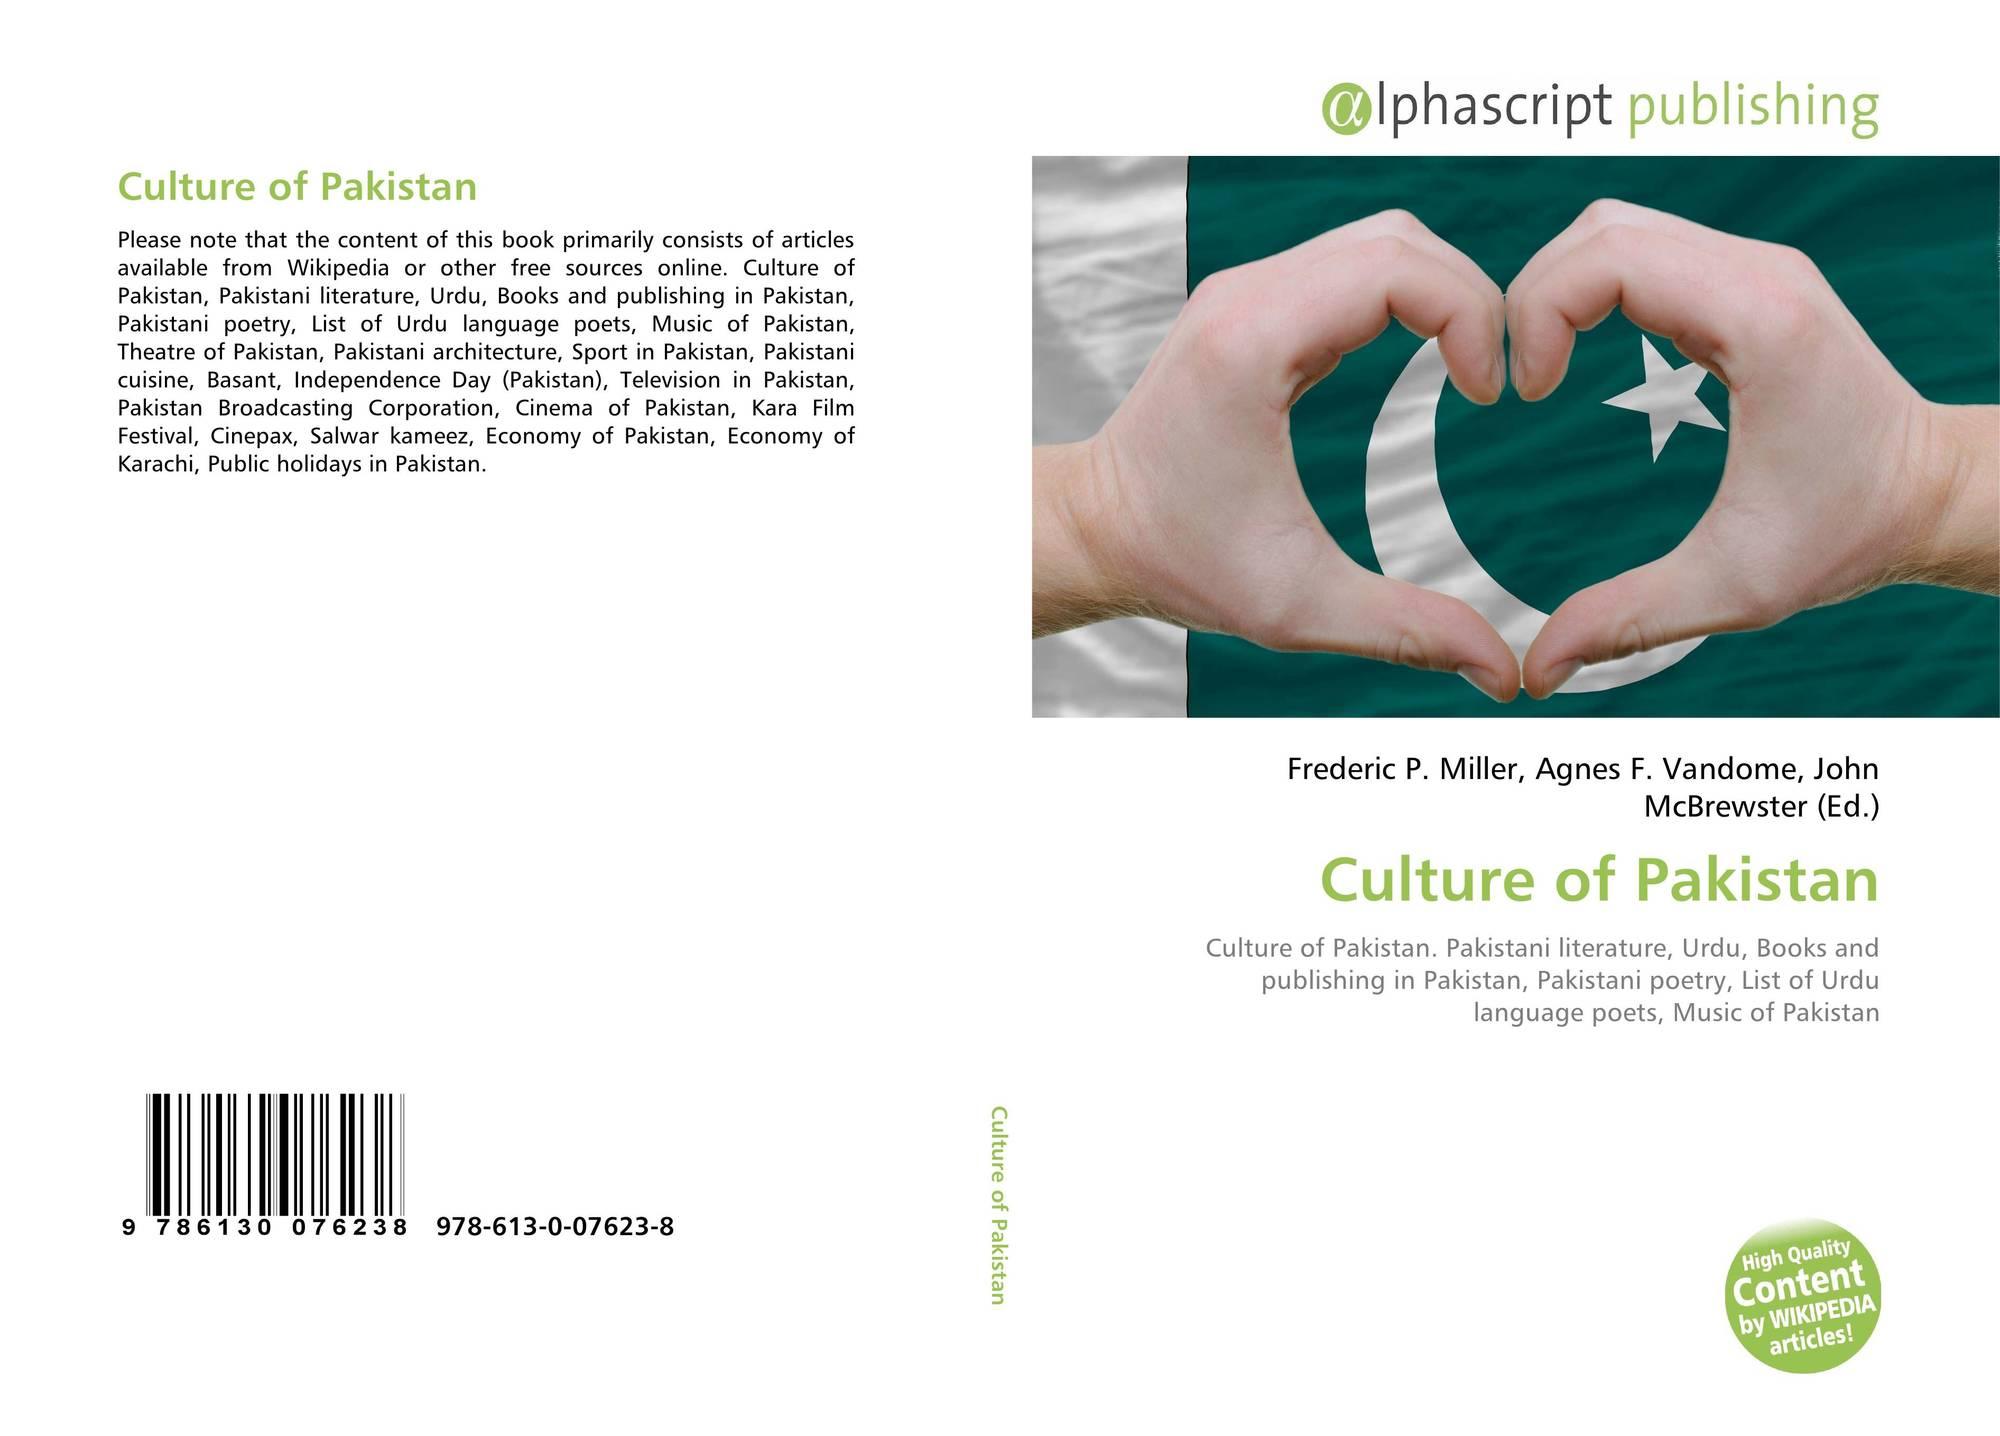 foto de Culture of Pakistan 978 613 0 07623 8 6130076231